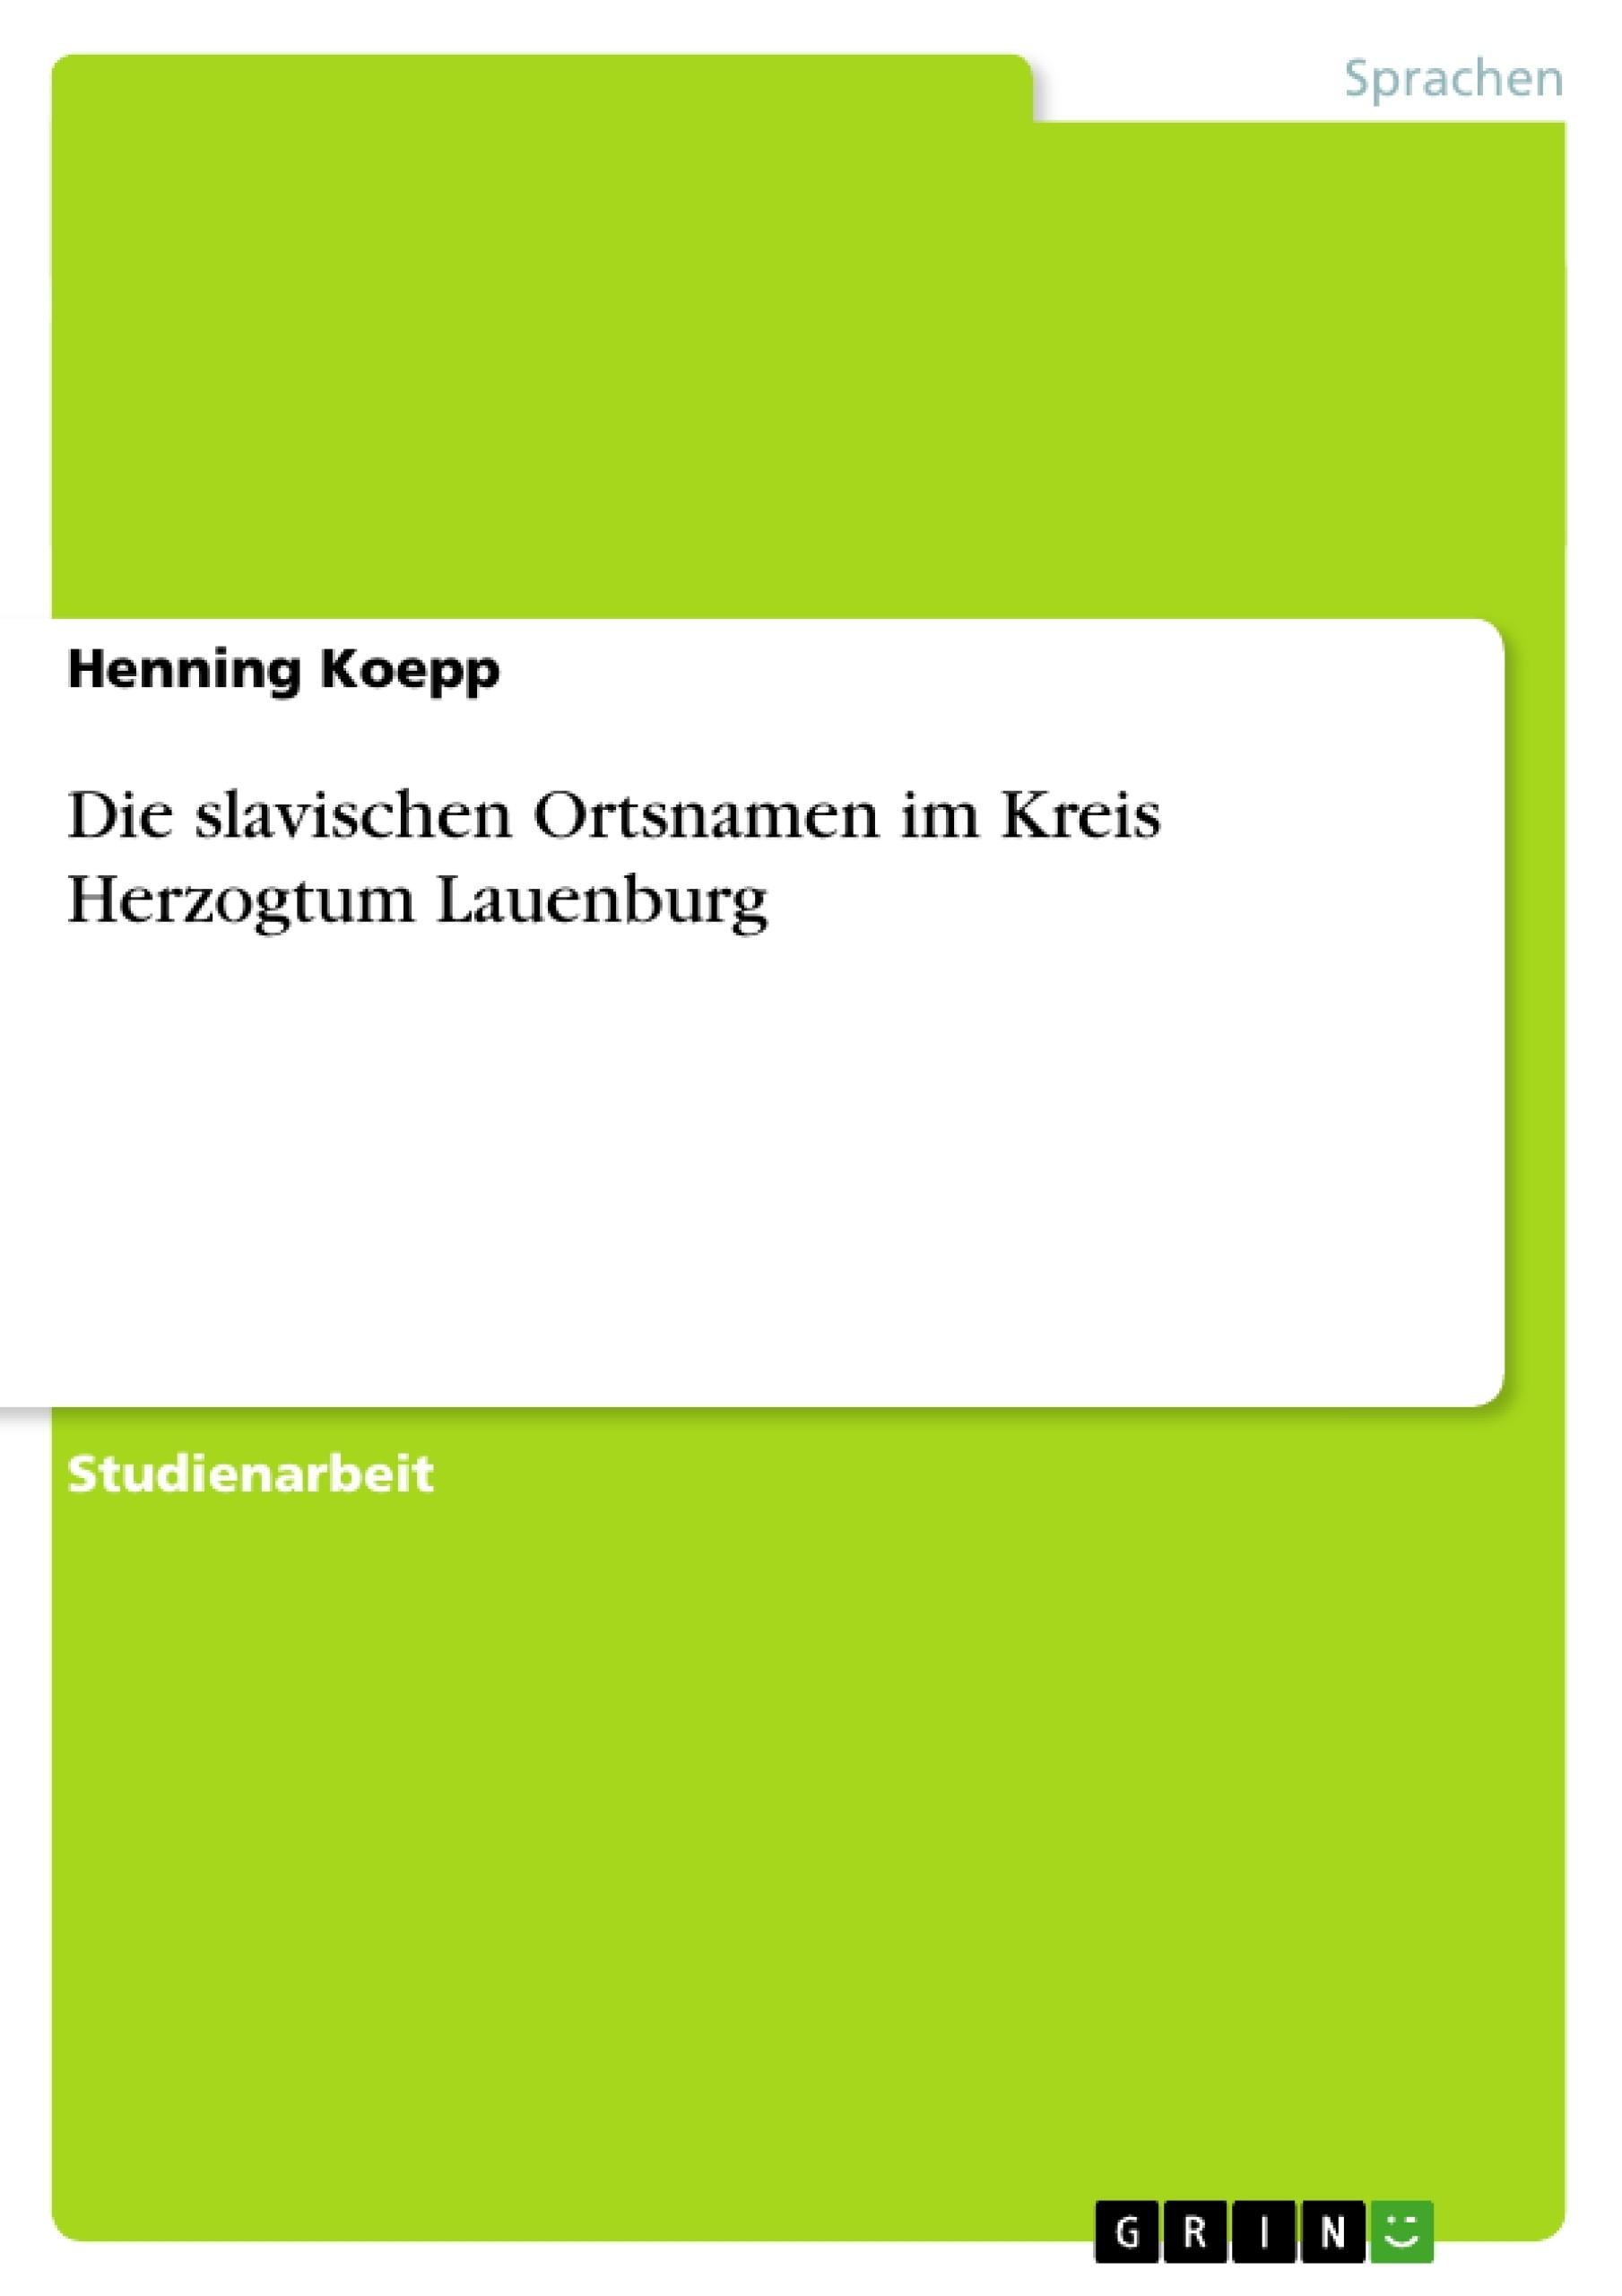 Titel: Die slavischen Ortsnamen im Kreis Herzogtum Lauenburg